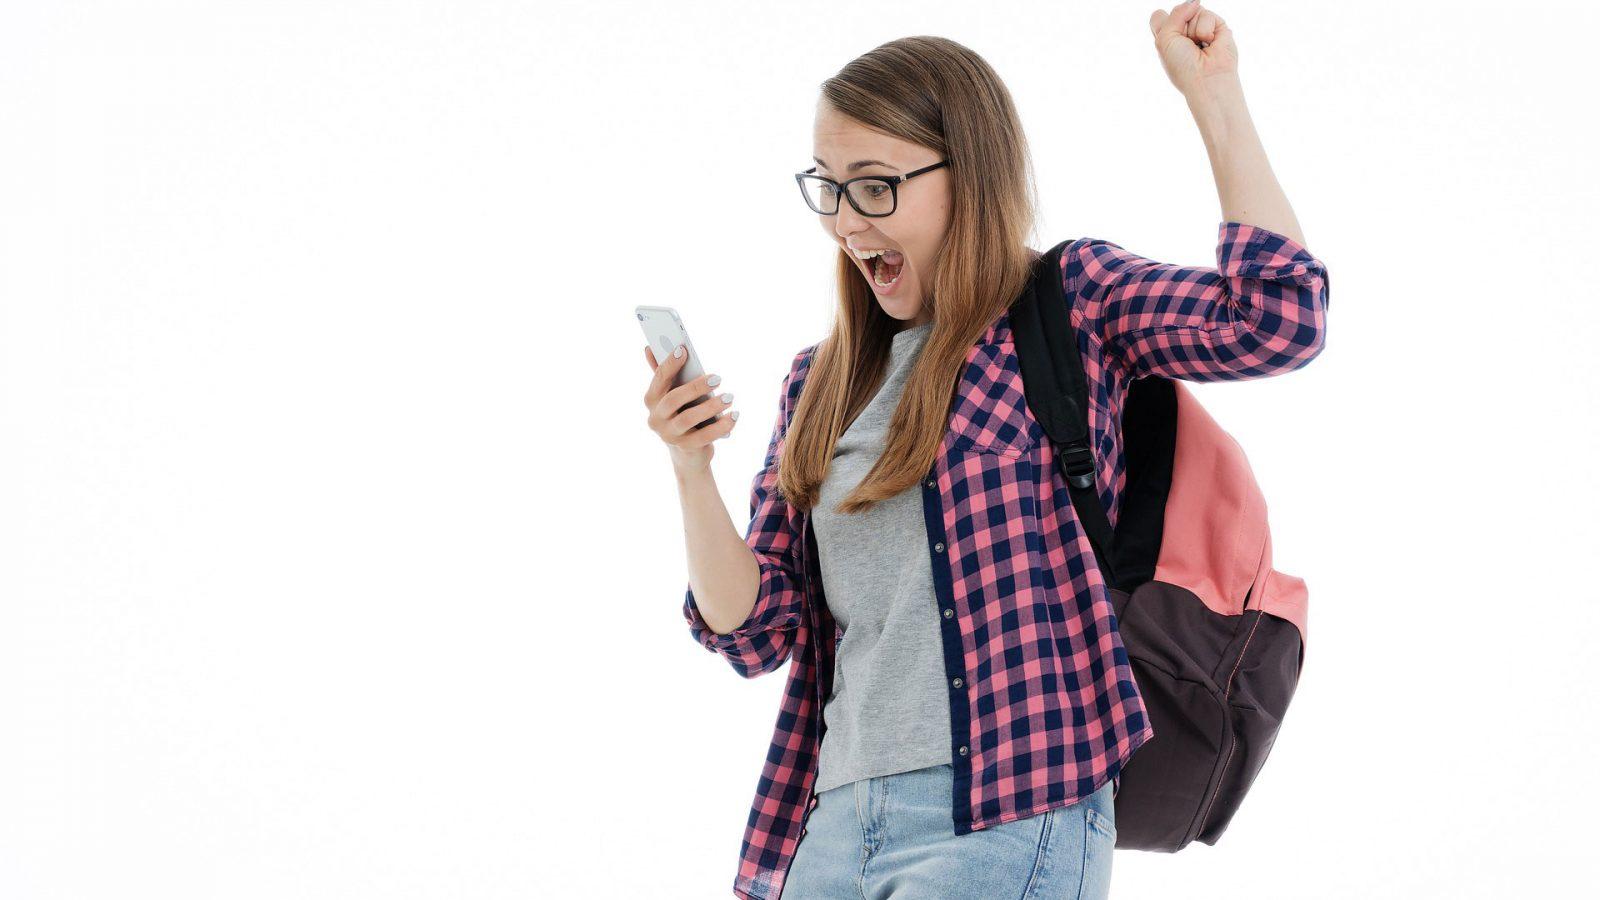 Etudiante heureuse candidature IUT Annecy